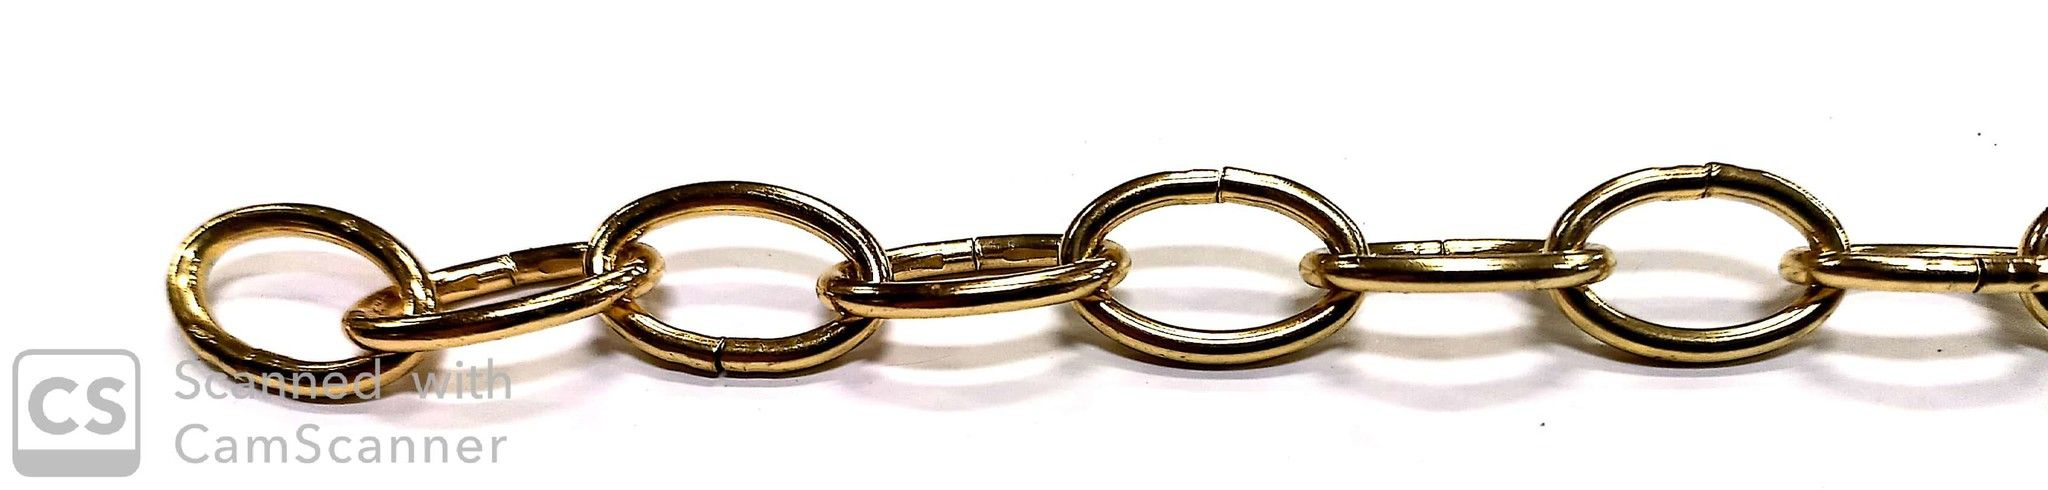 Catena OVALE ottonata anello mm 19 x 12 filo 2,2